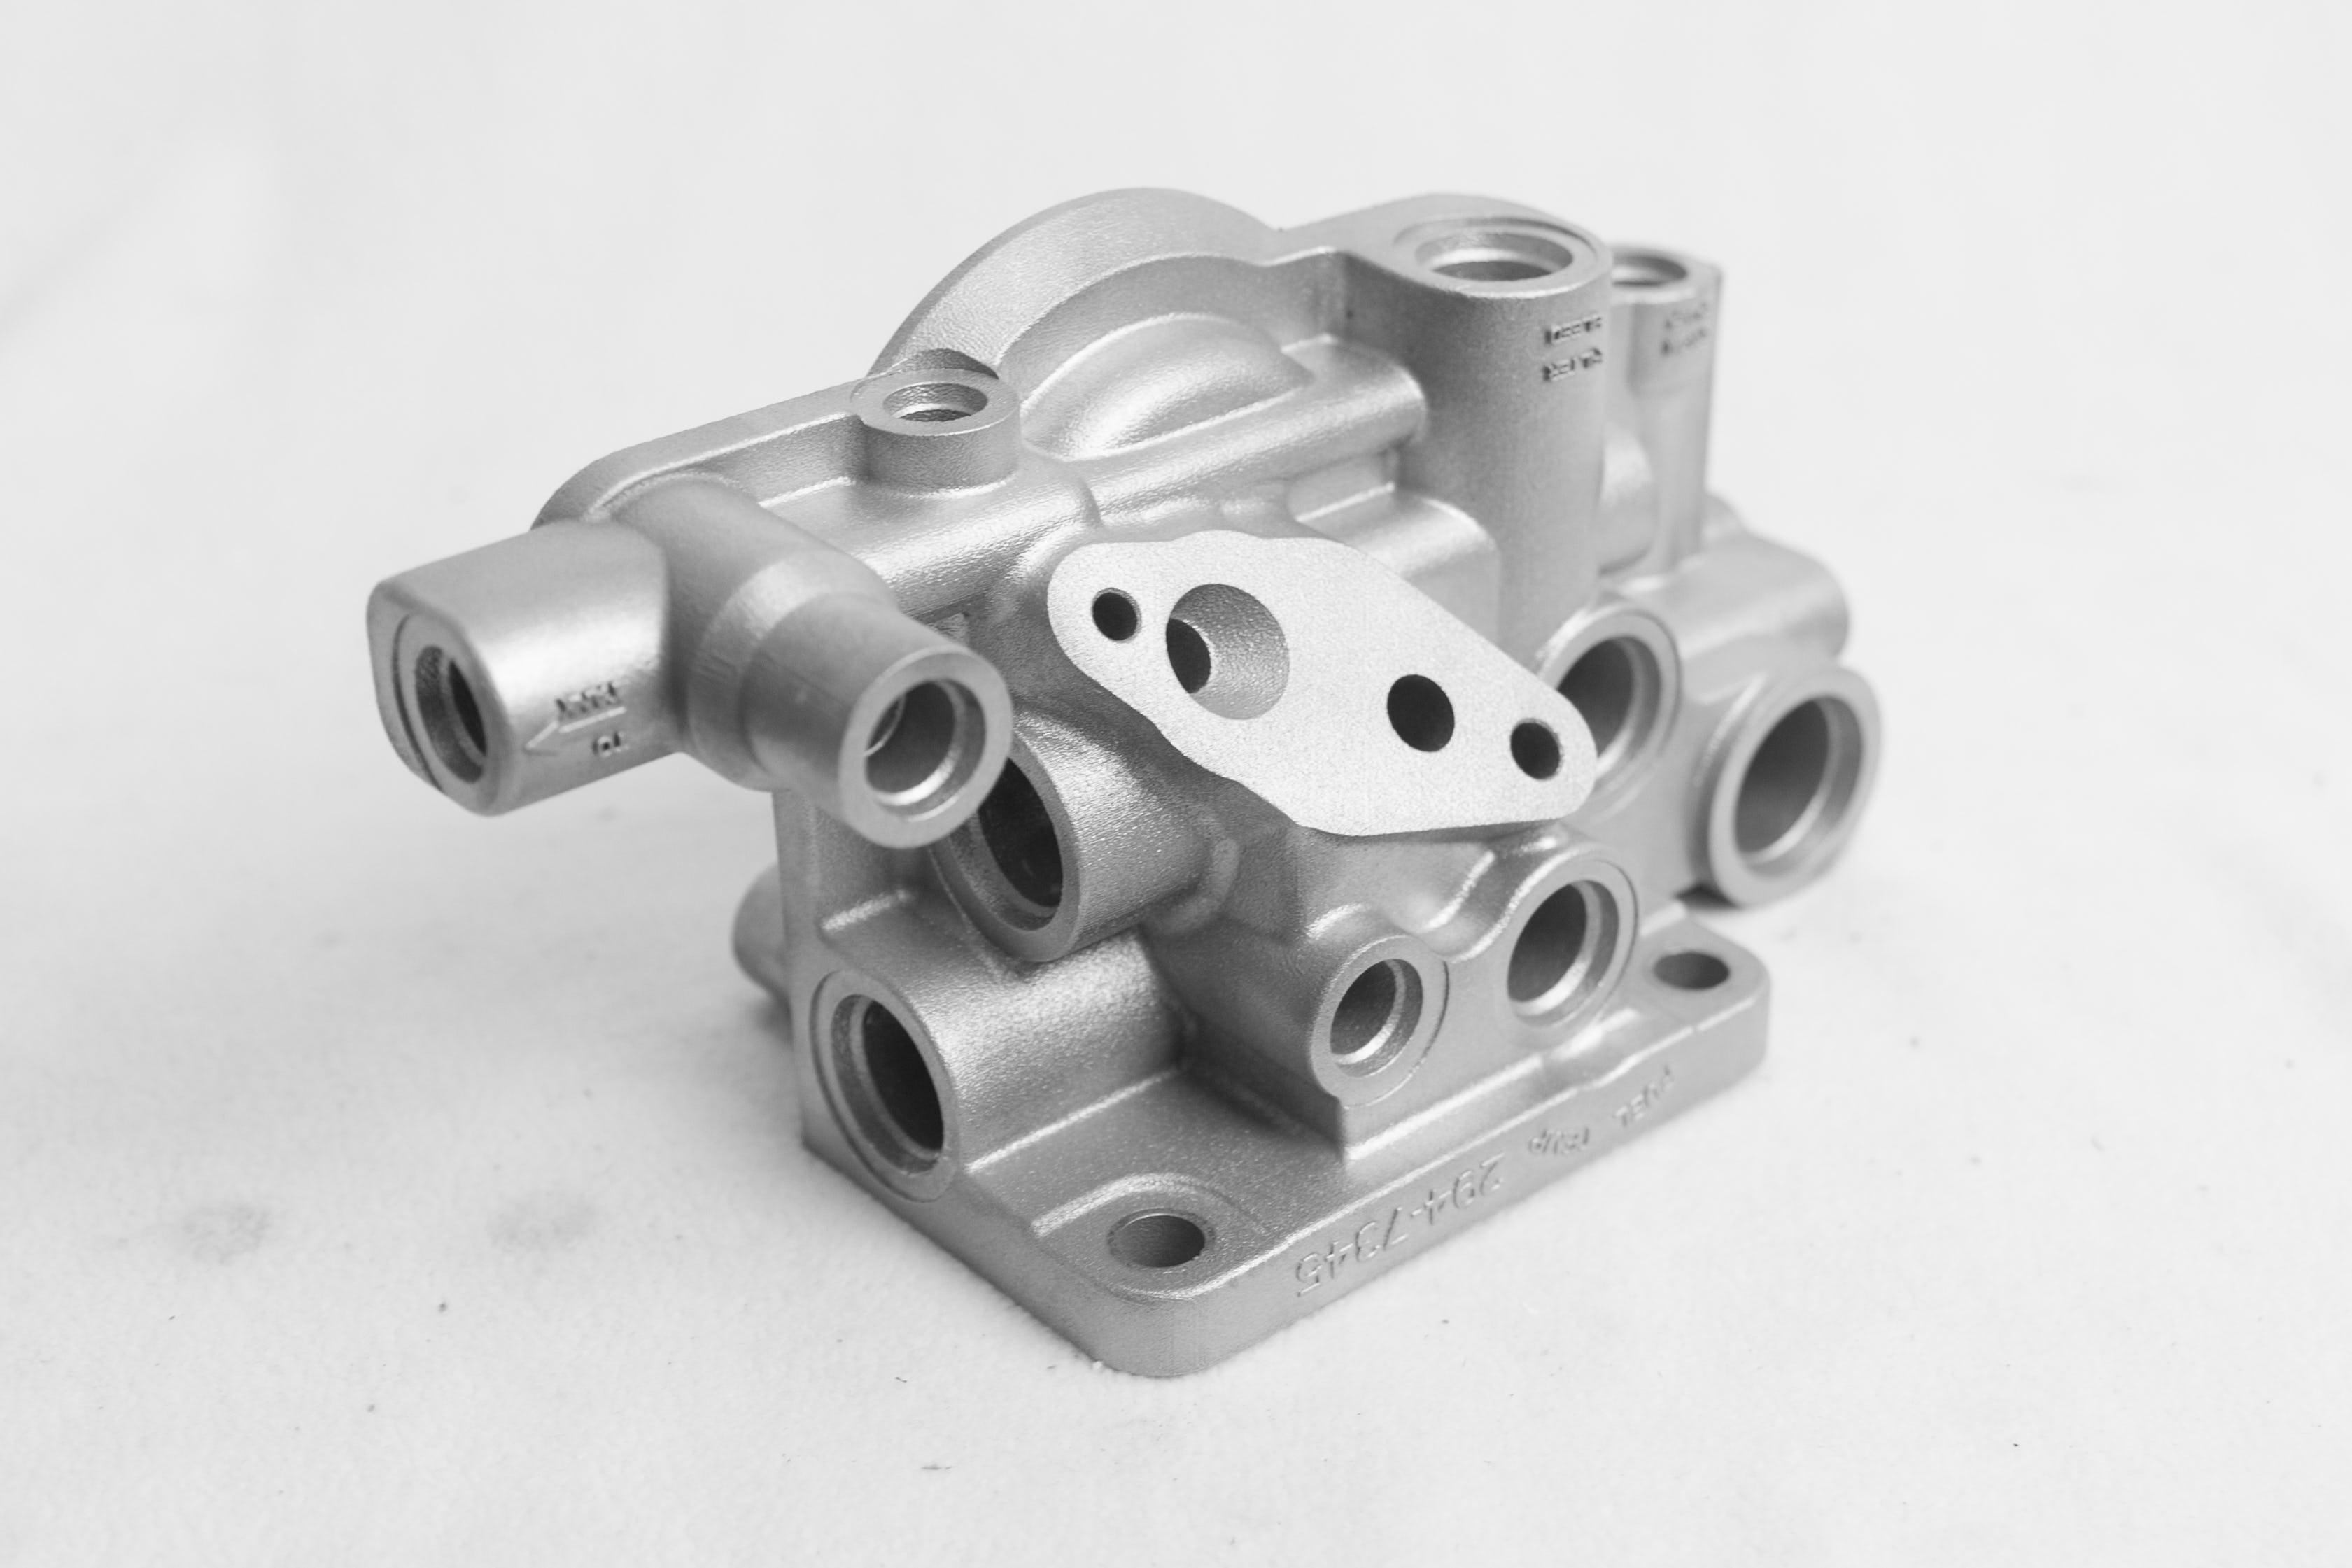 DMLS aluminum sample part